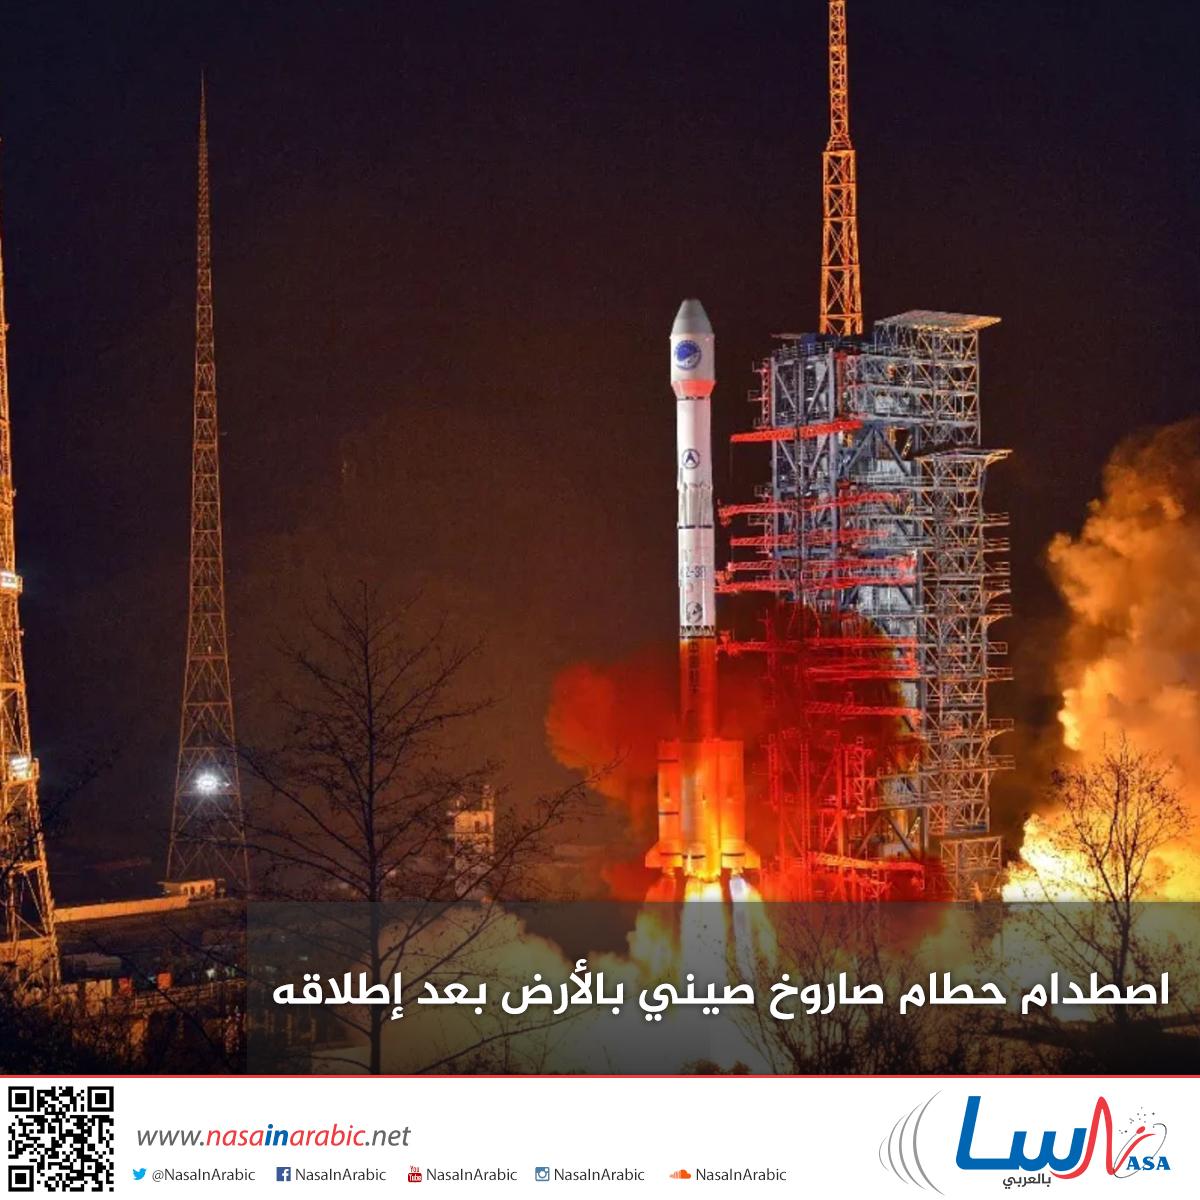 اصطدام حطام صاروخ صيني بالأرض بعد إطلاقه